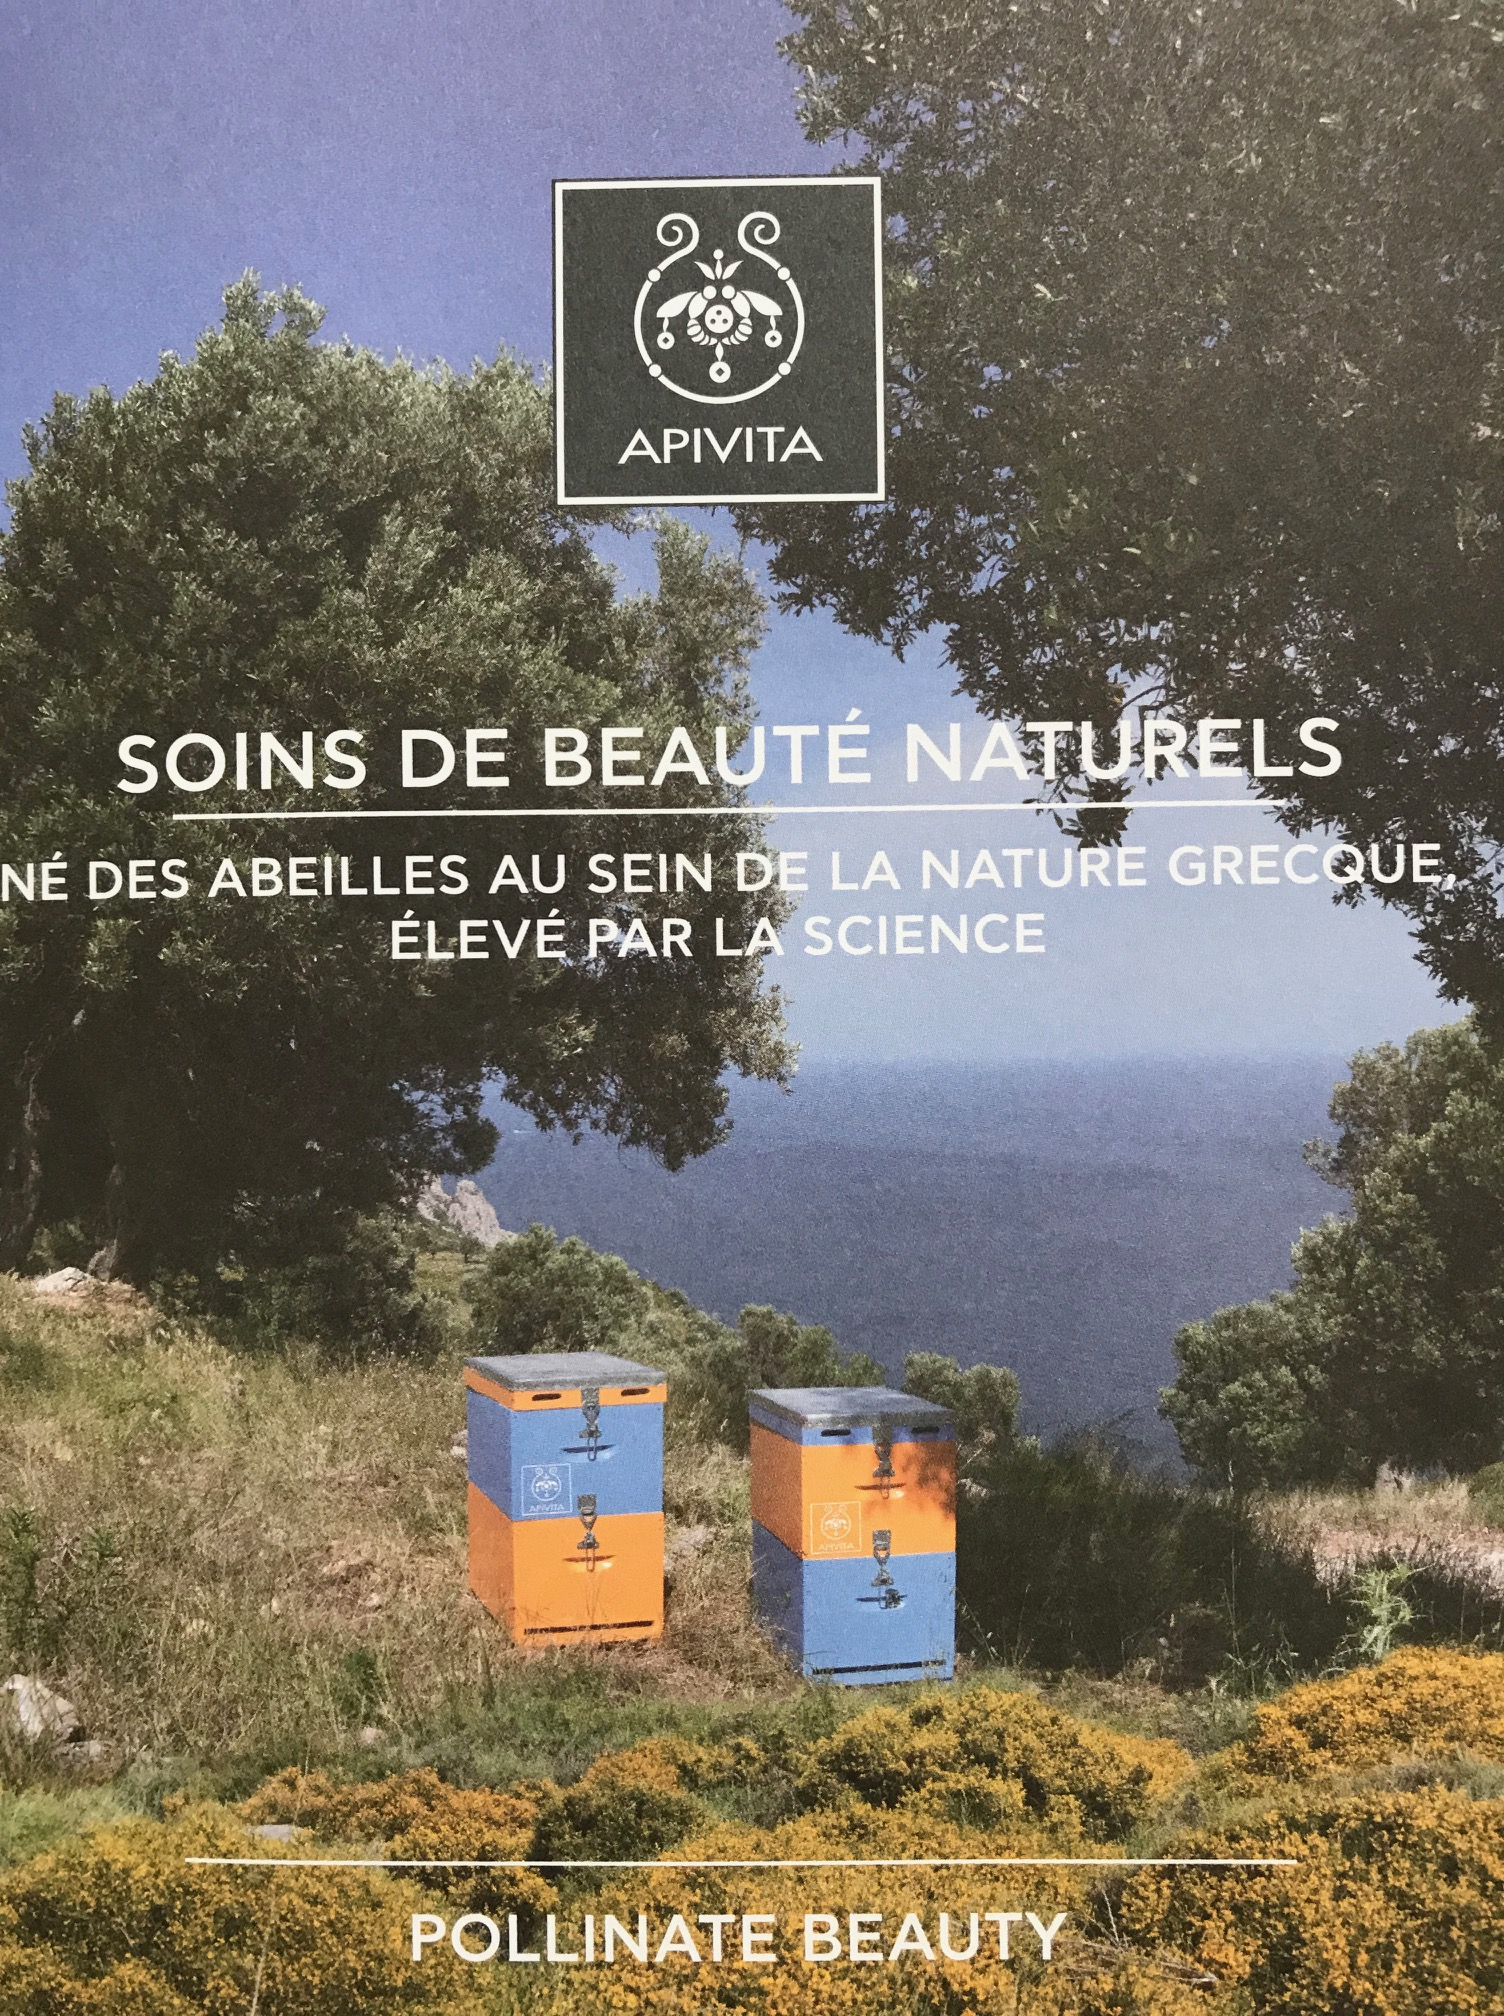 Maison Et Chocolat Uriage Les Bains https://bioutibox.wordpress/2019/06/10/bensimon